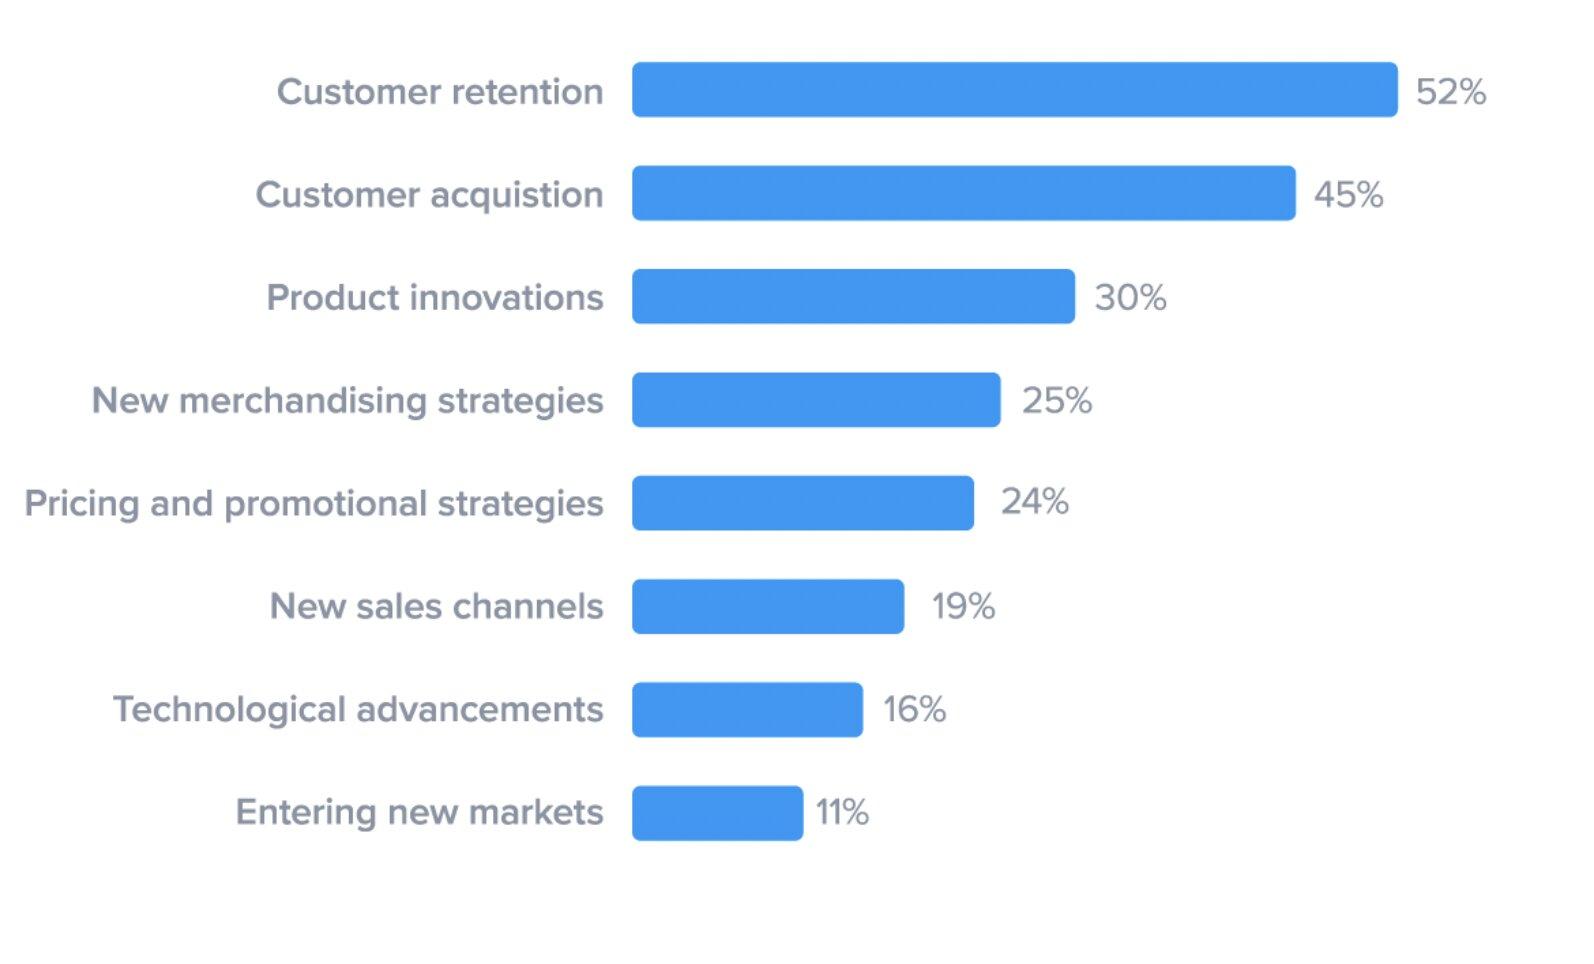 Grafico sobre la importancia de la fidelización y la retención de usuarios en ecommerce.